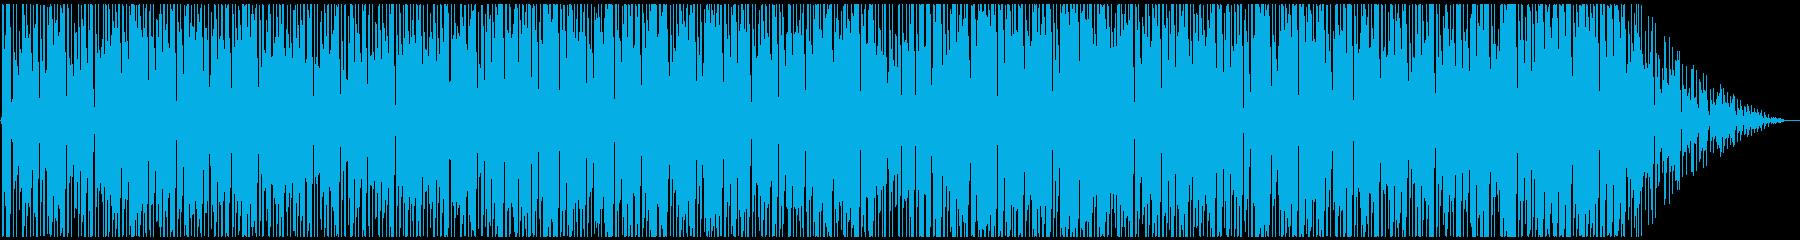 【生演奏】海/ボサノバ/リゾート/夏の再生済みの波形